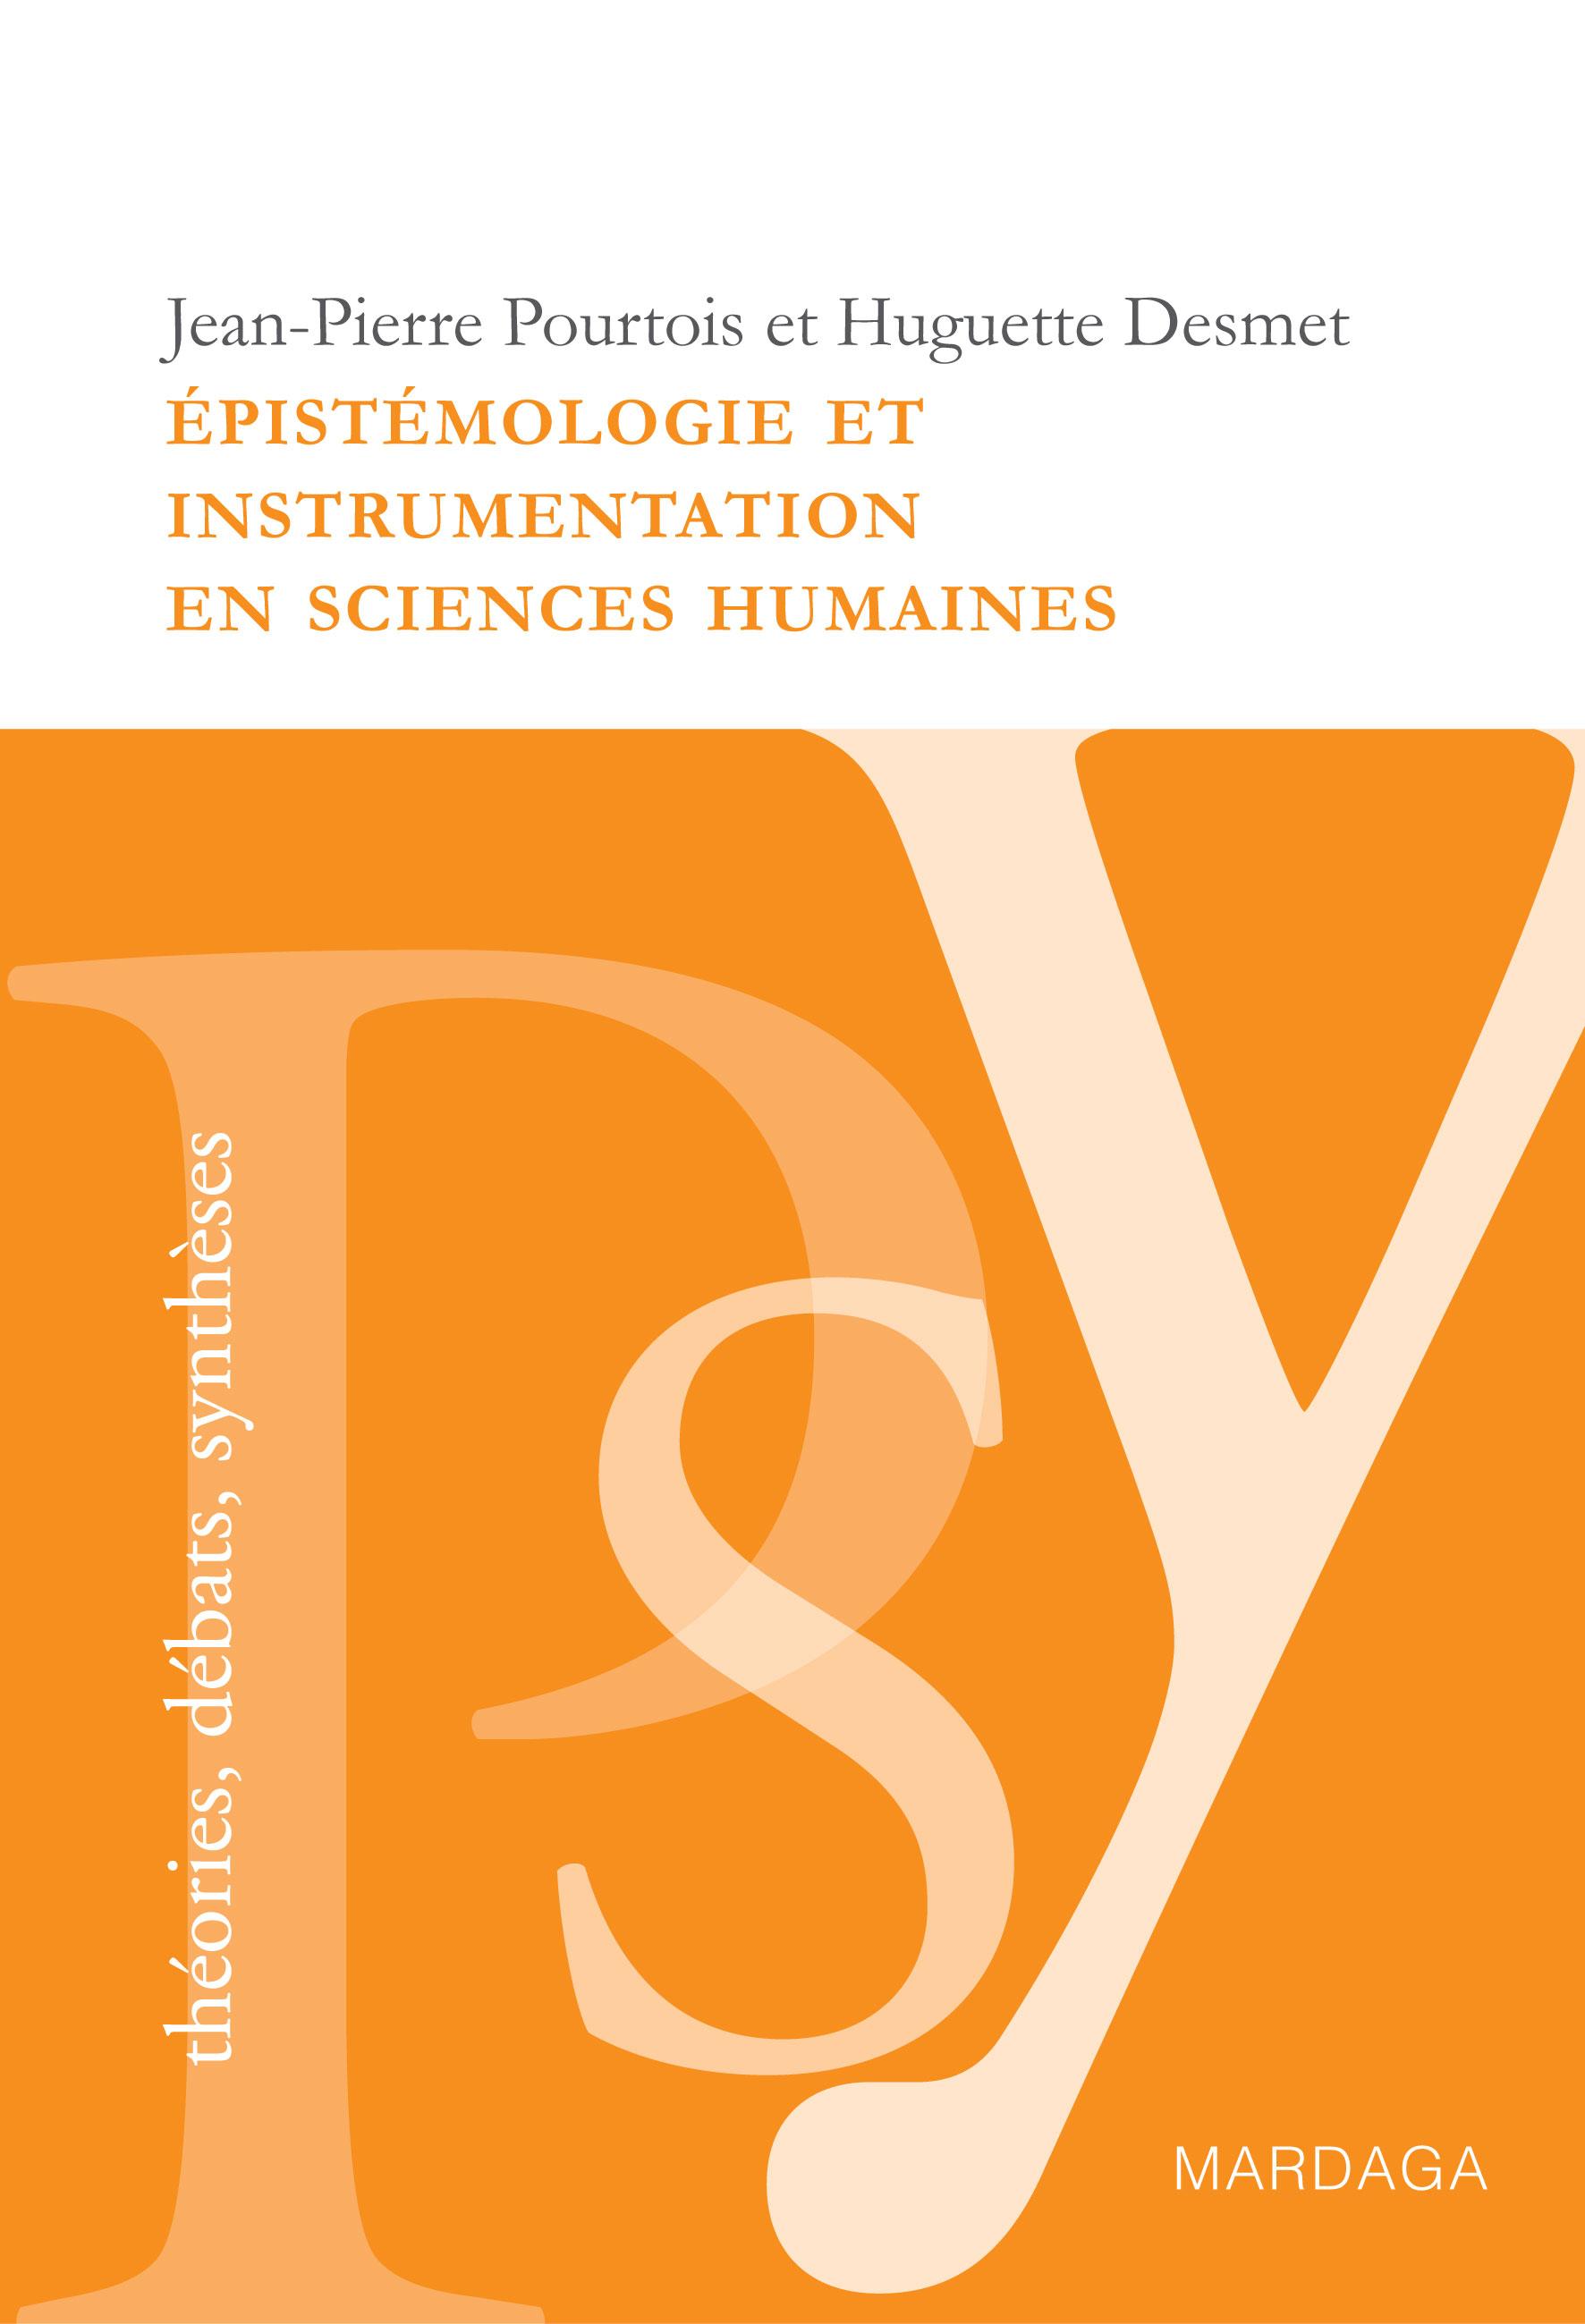 Épistémologie et instrumentation en sciences humaines, Réflexions sur les méthodes à adopter dans l'étude de la psychologie sociale